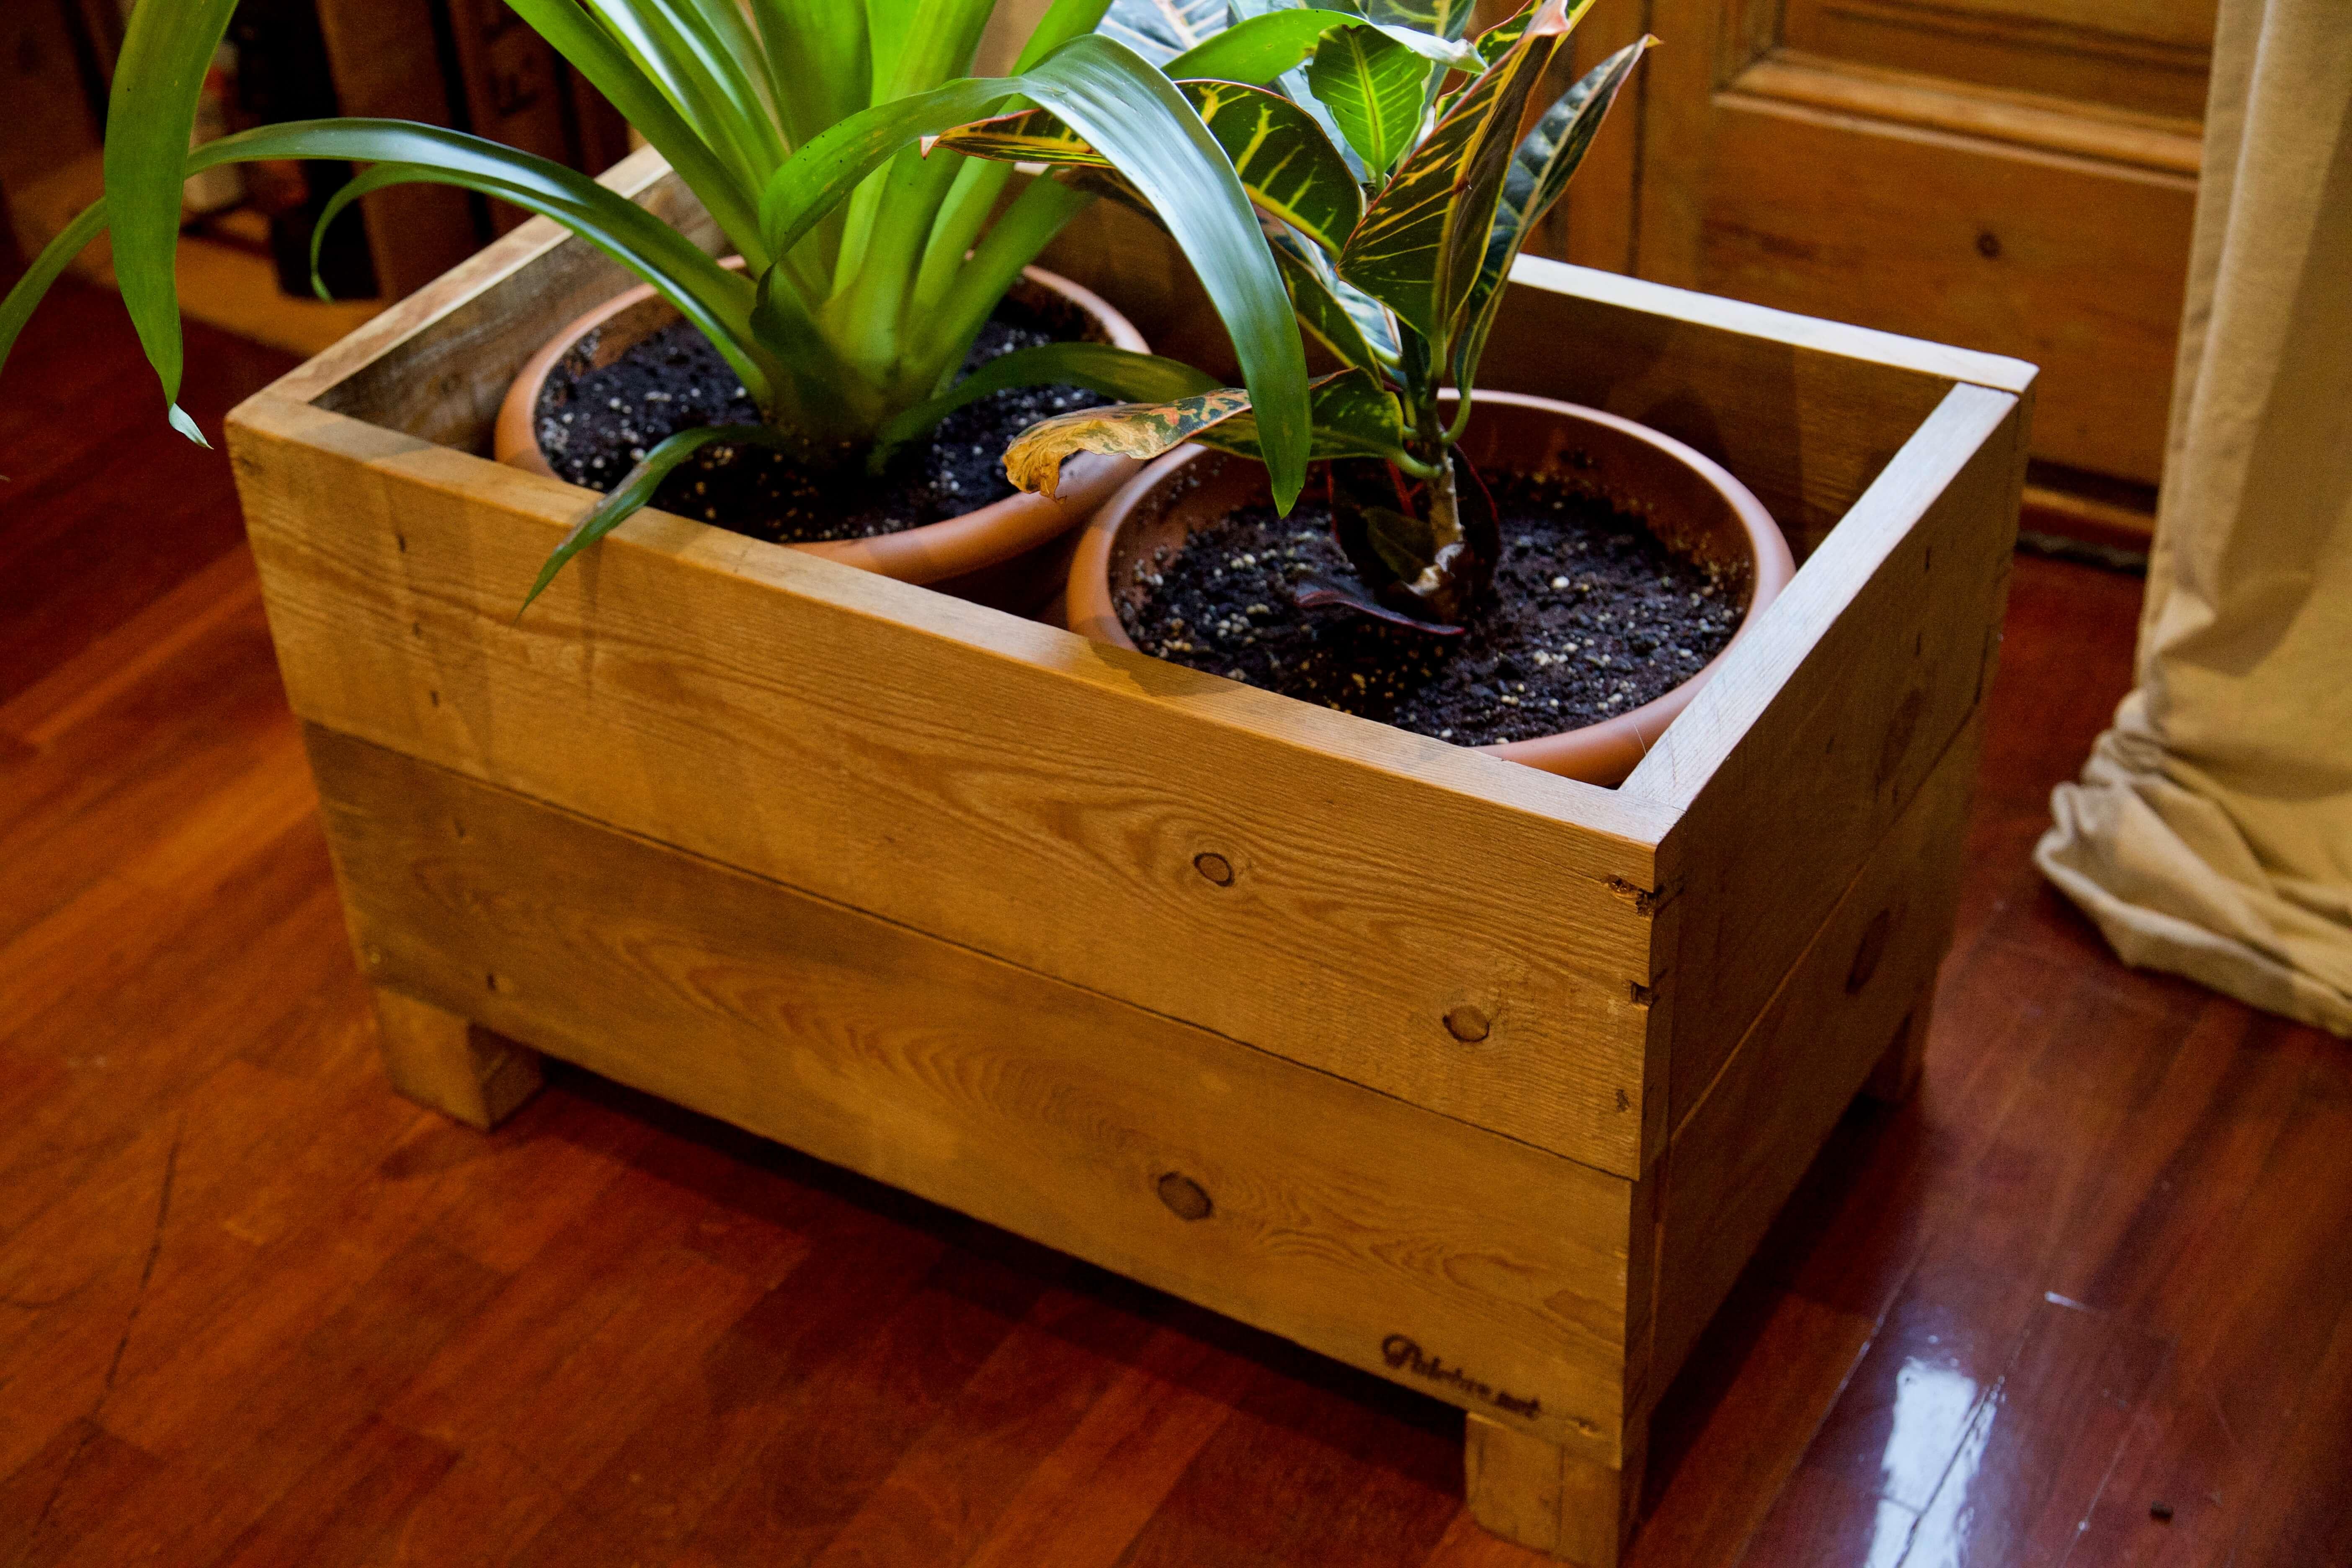 Jardinera seligman paletos - Que hacer con los palets ...